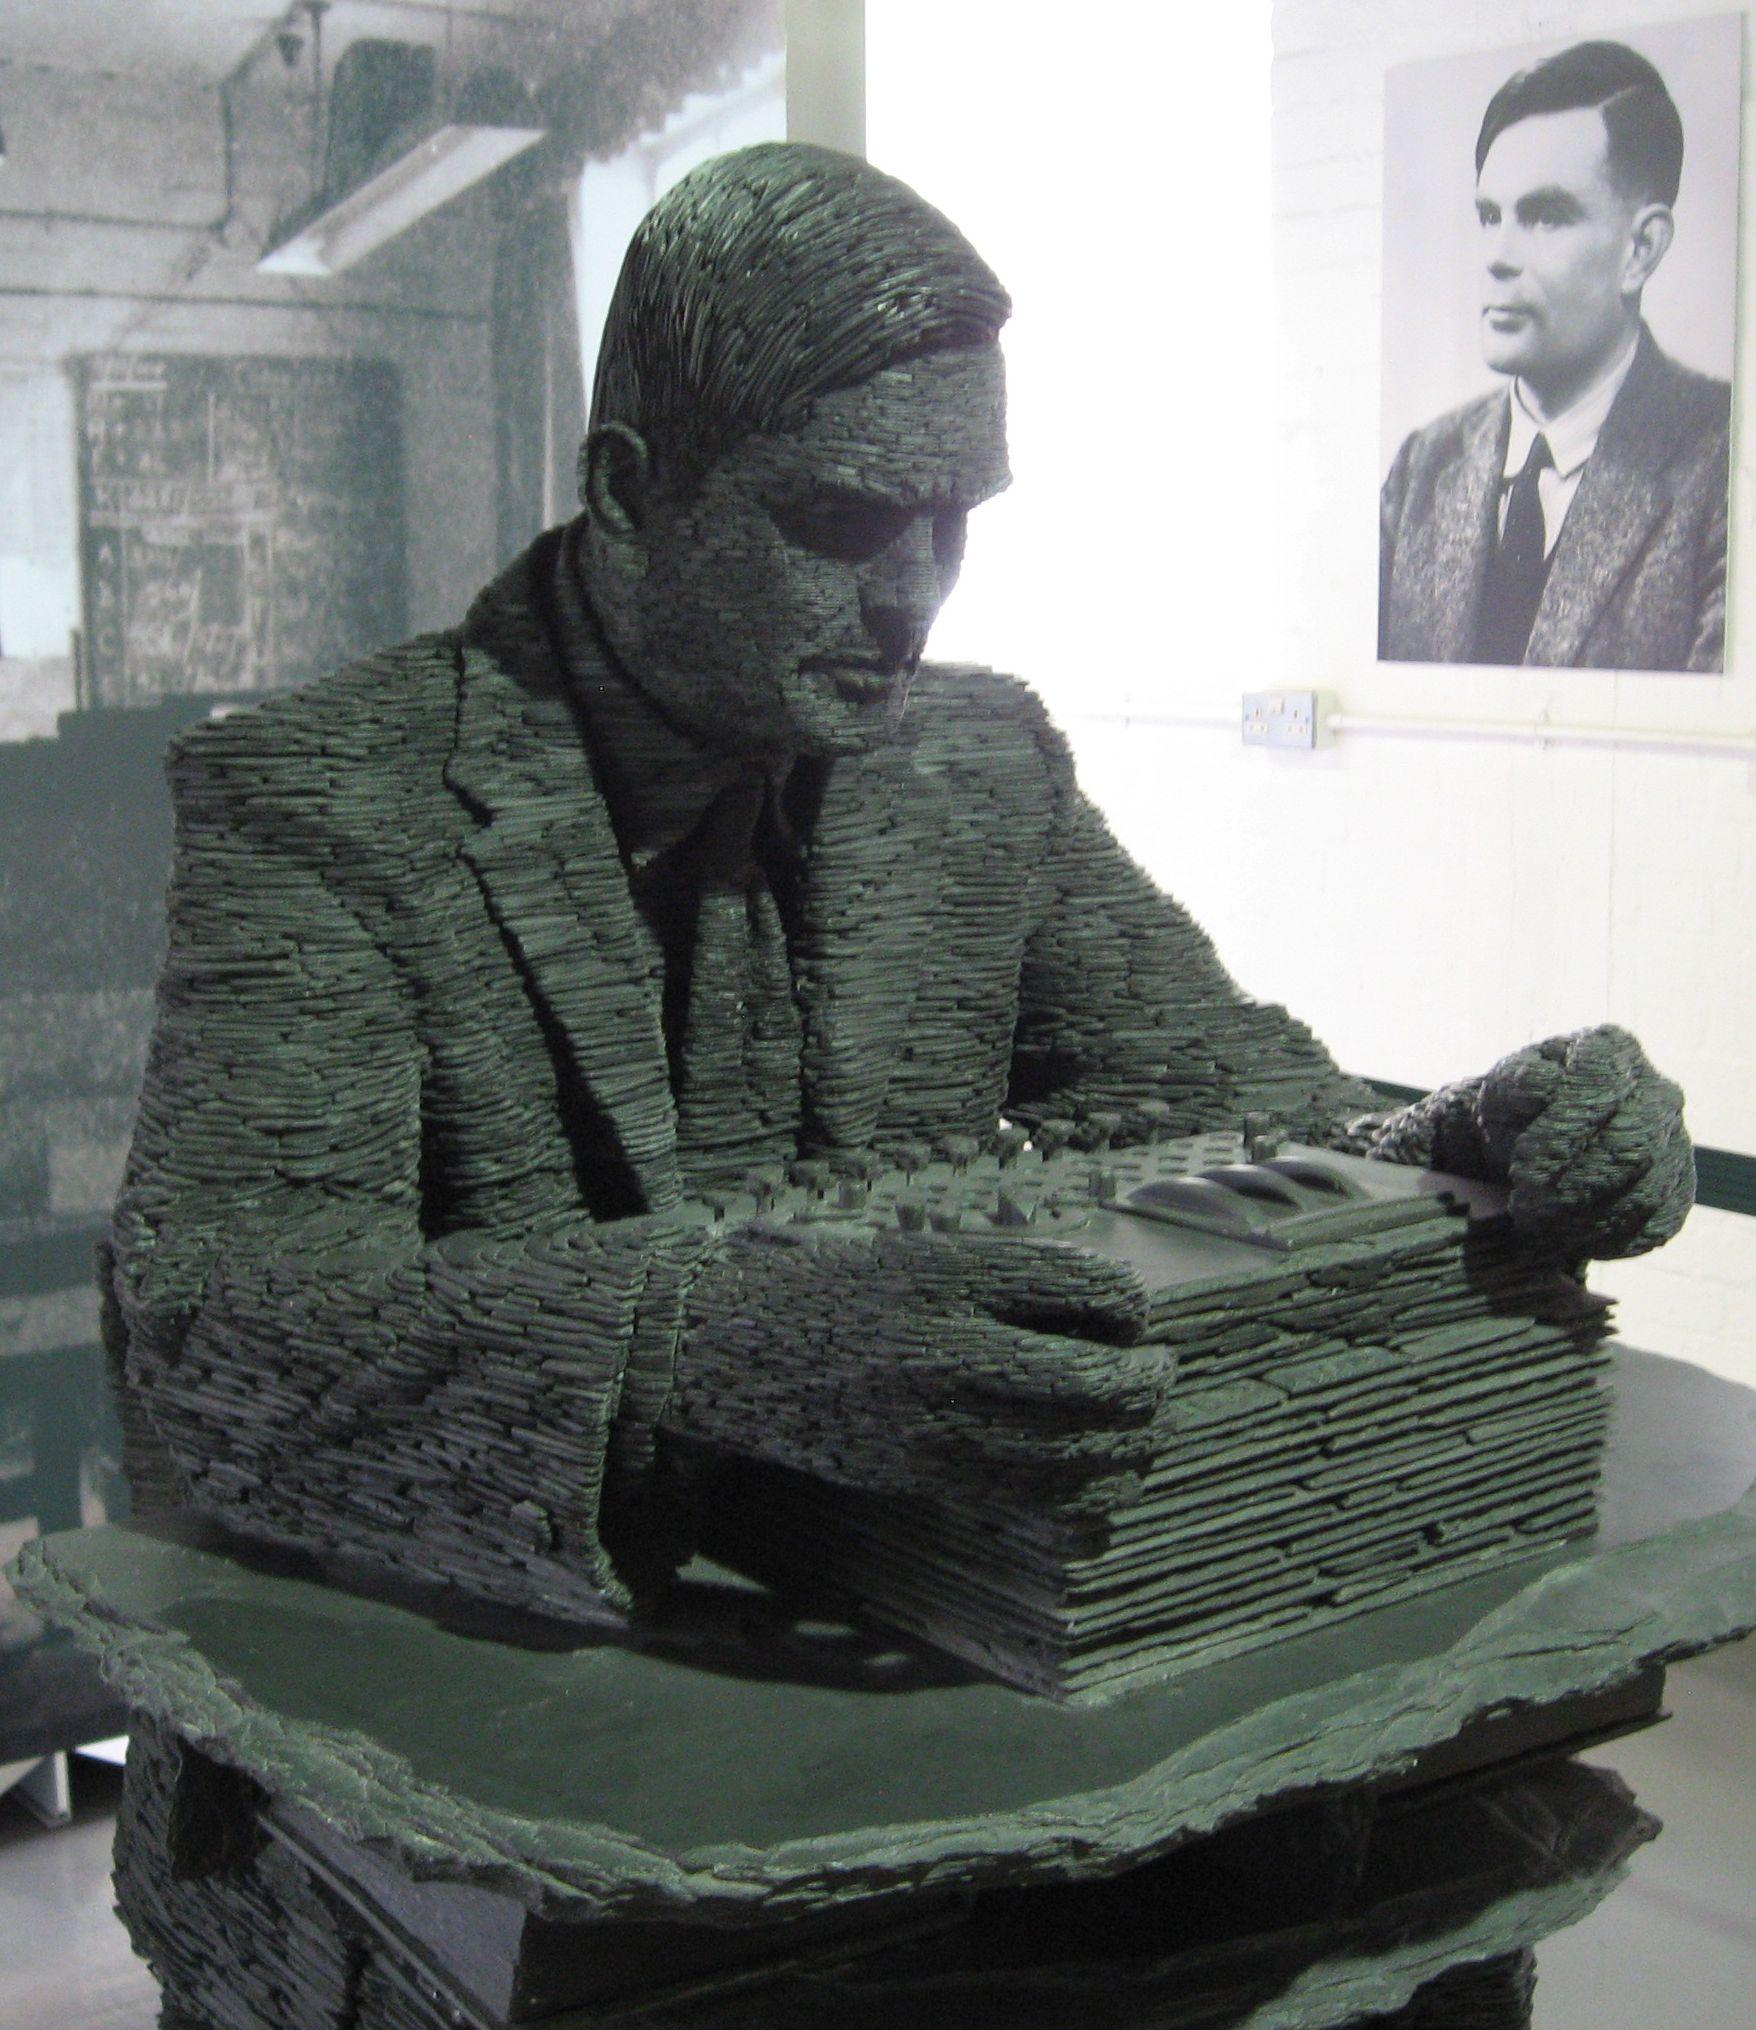 Alan_Turing_cropped.jpg